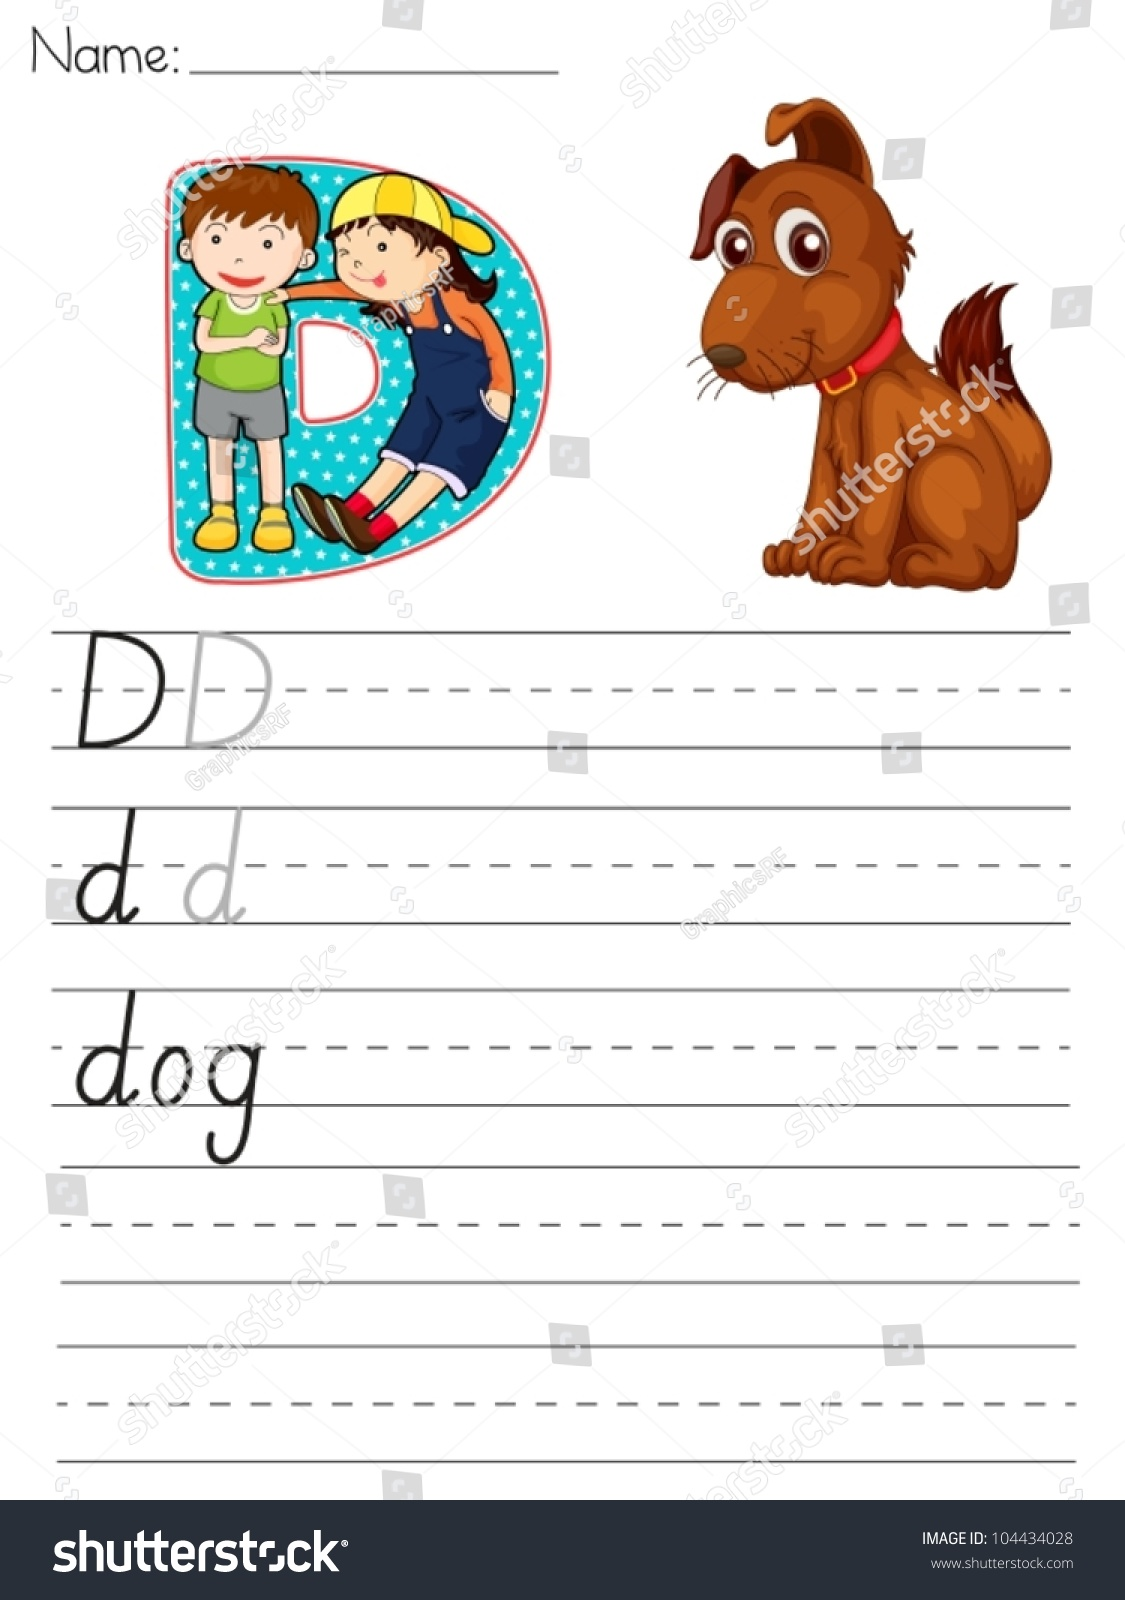 Alphabet Worksheet Of The Letter D Stock Vector